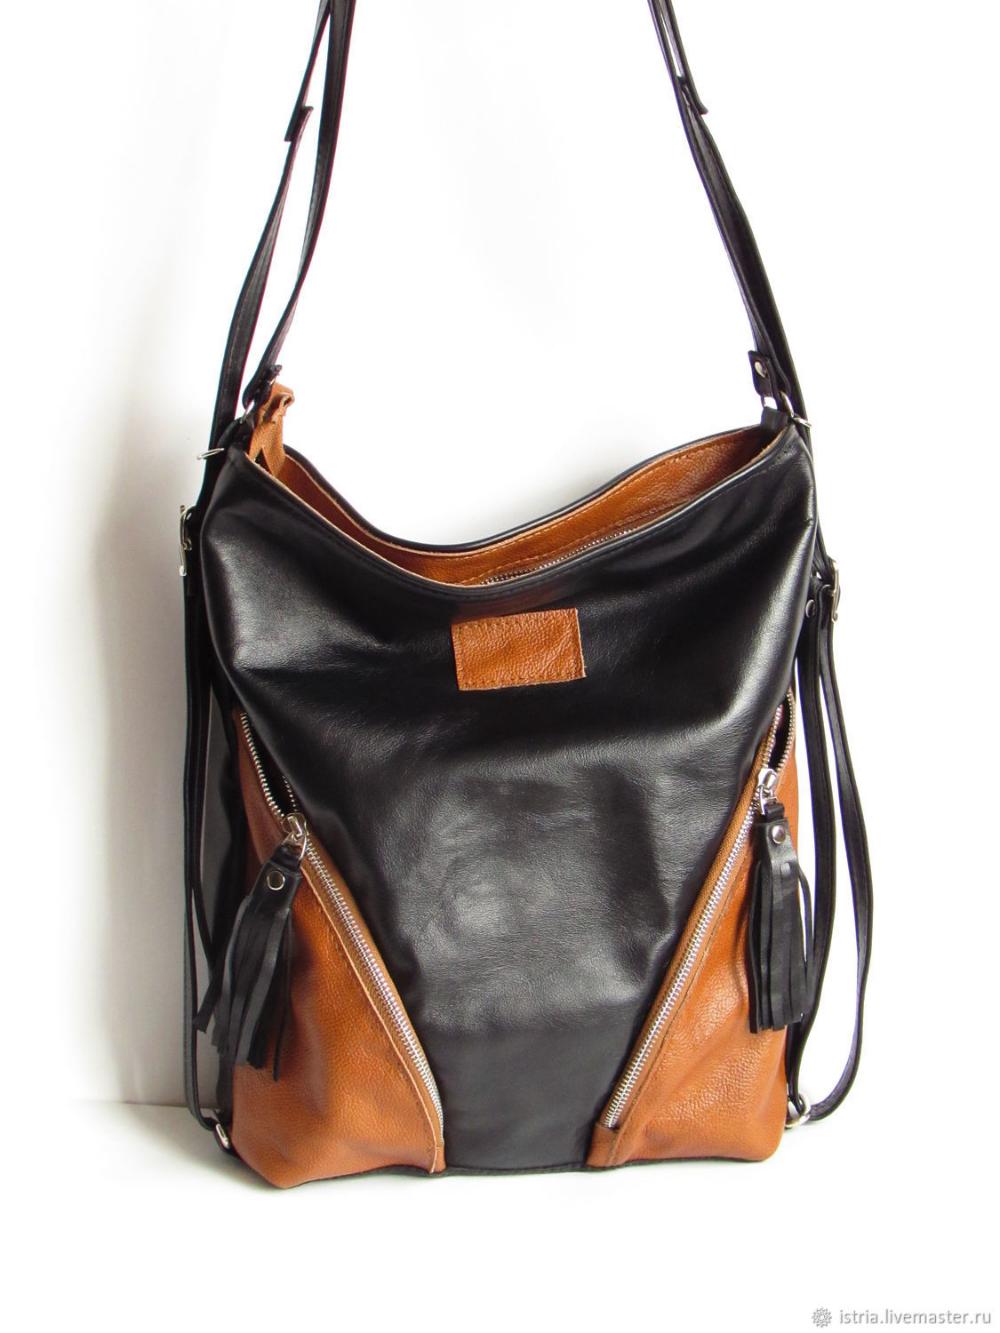 купить сумку женскую санкт петербург кожаную